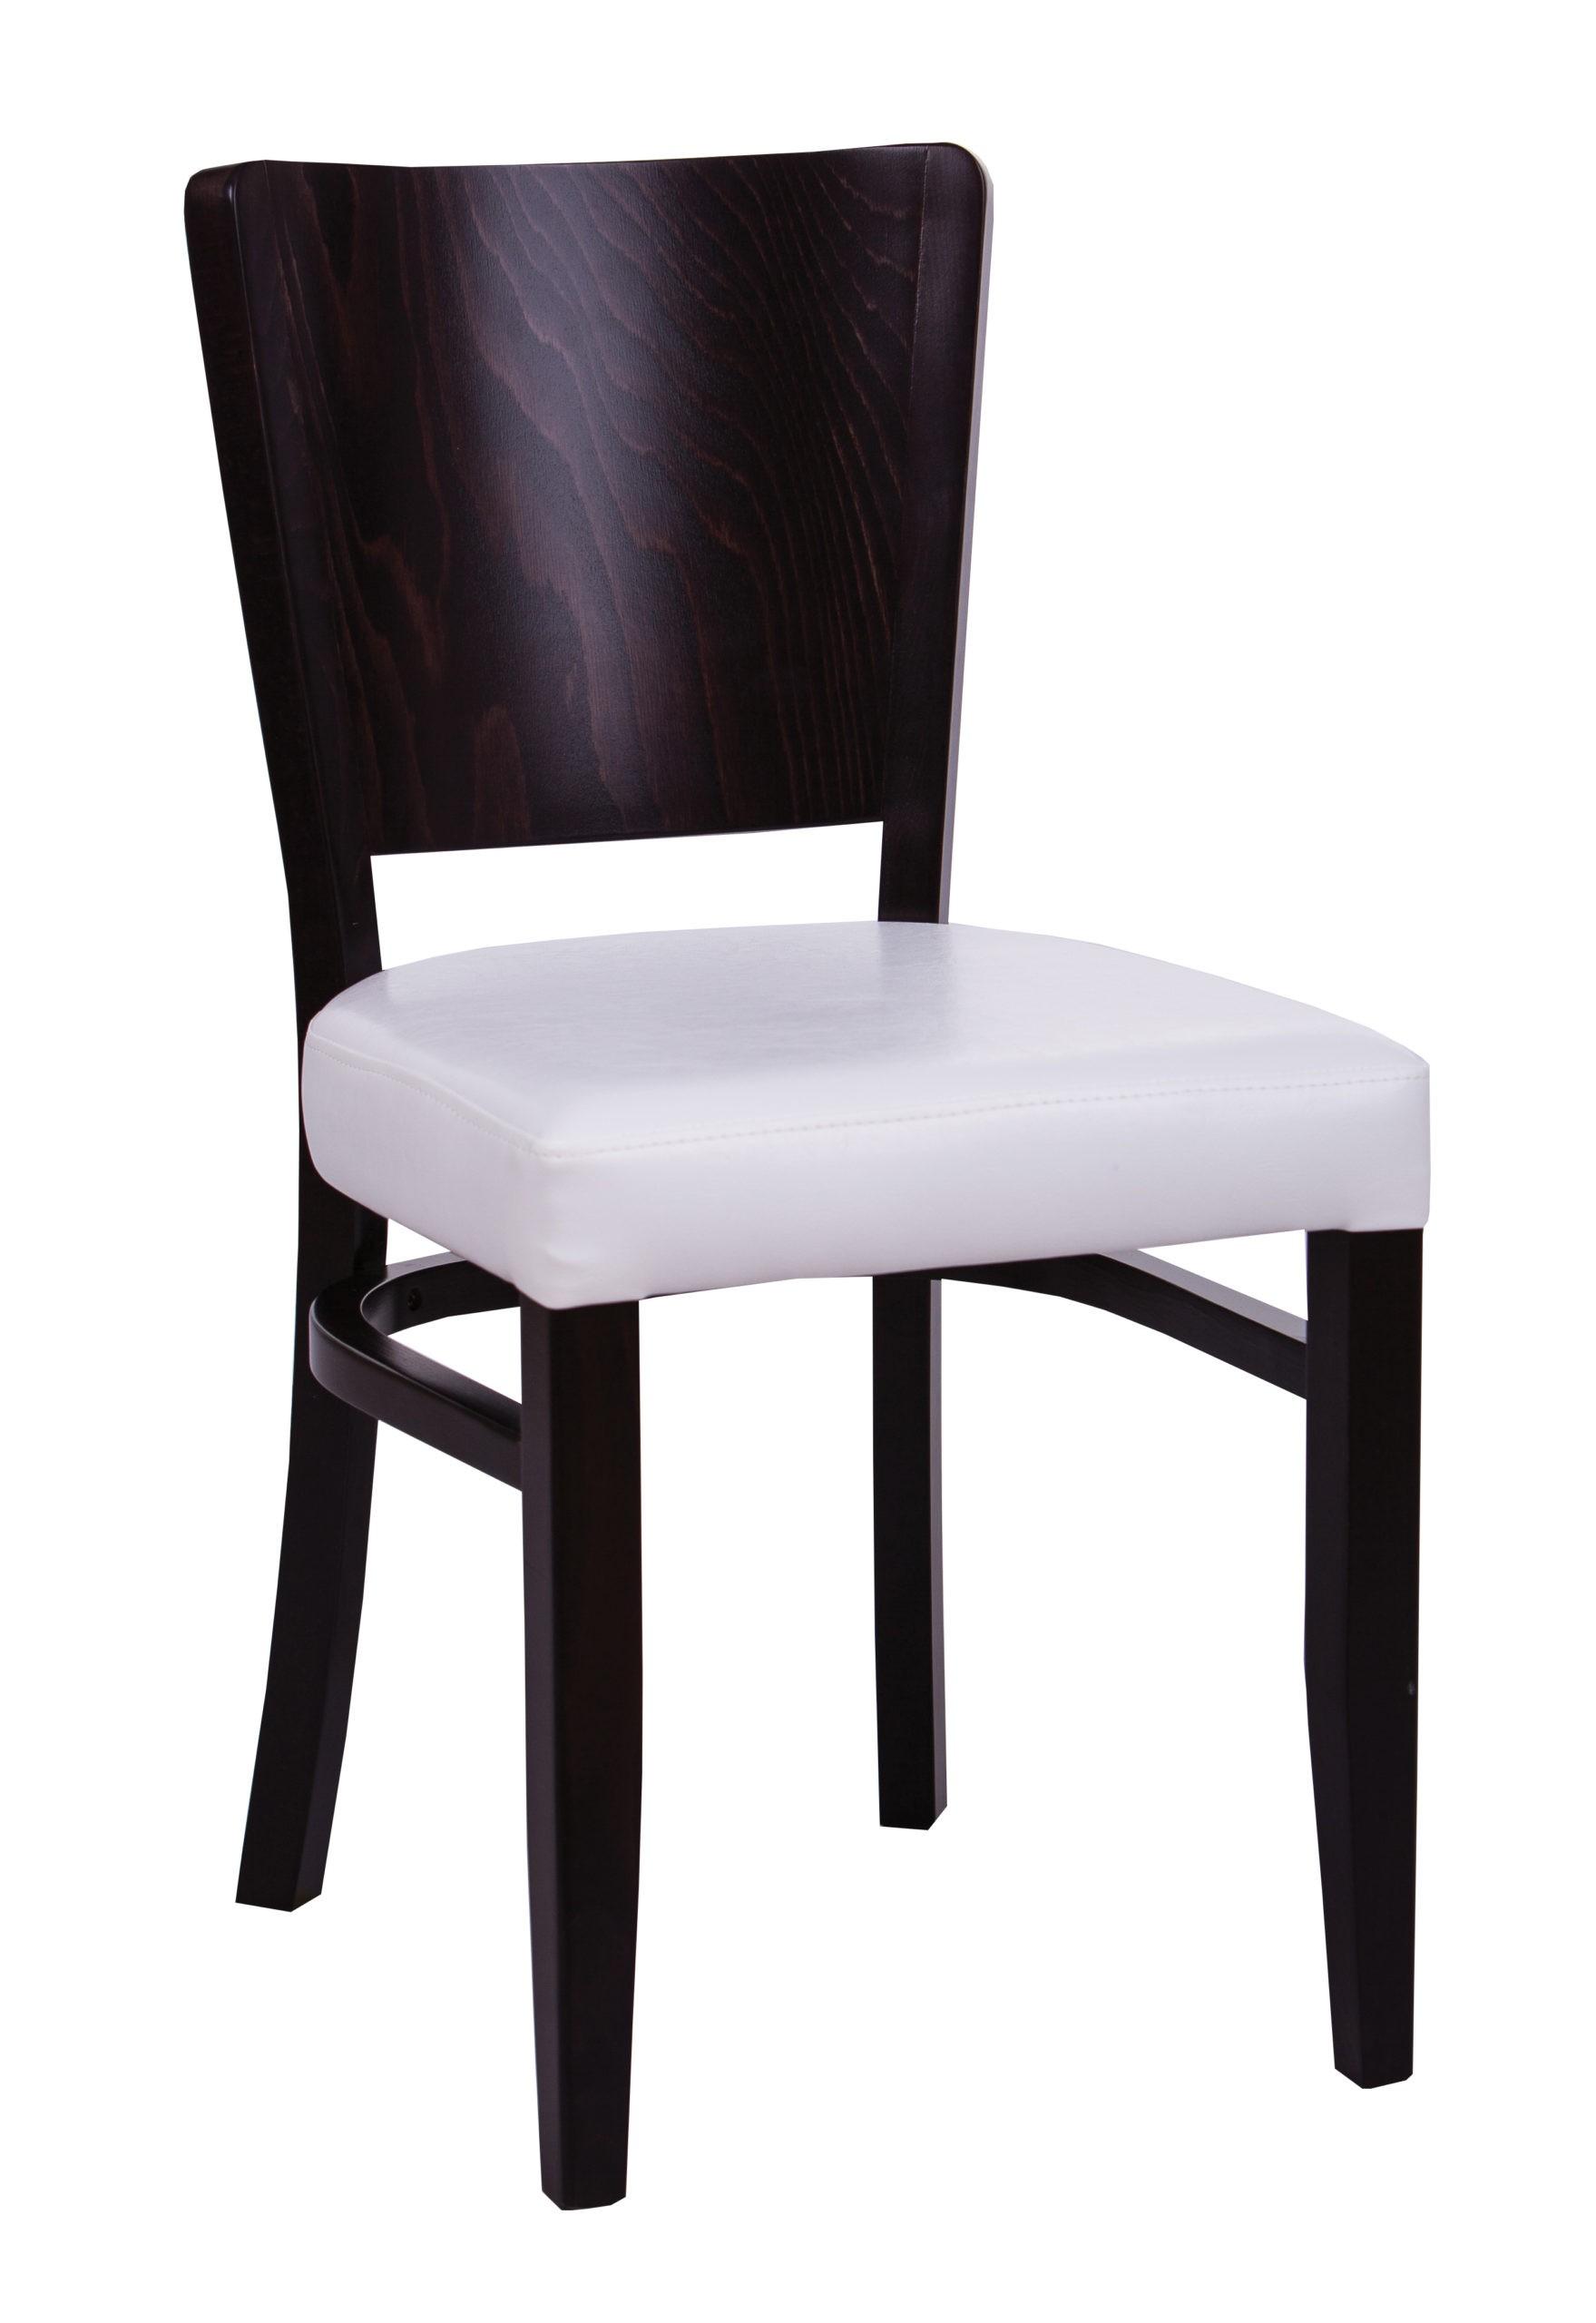 Krzesło do kuchni i jadalni z siedziskiem tapicerowanym i drewnianym profilowanym oparciem KT47